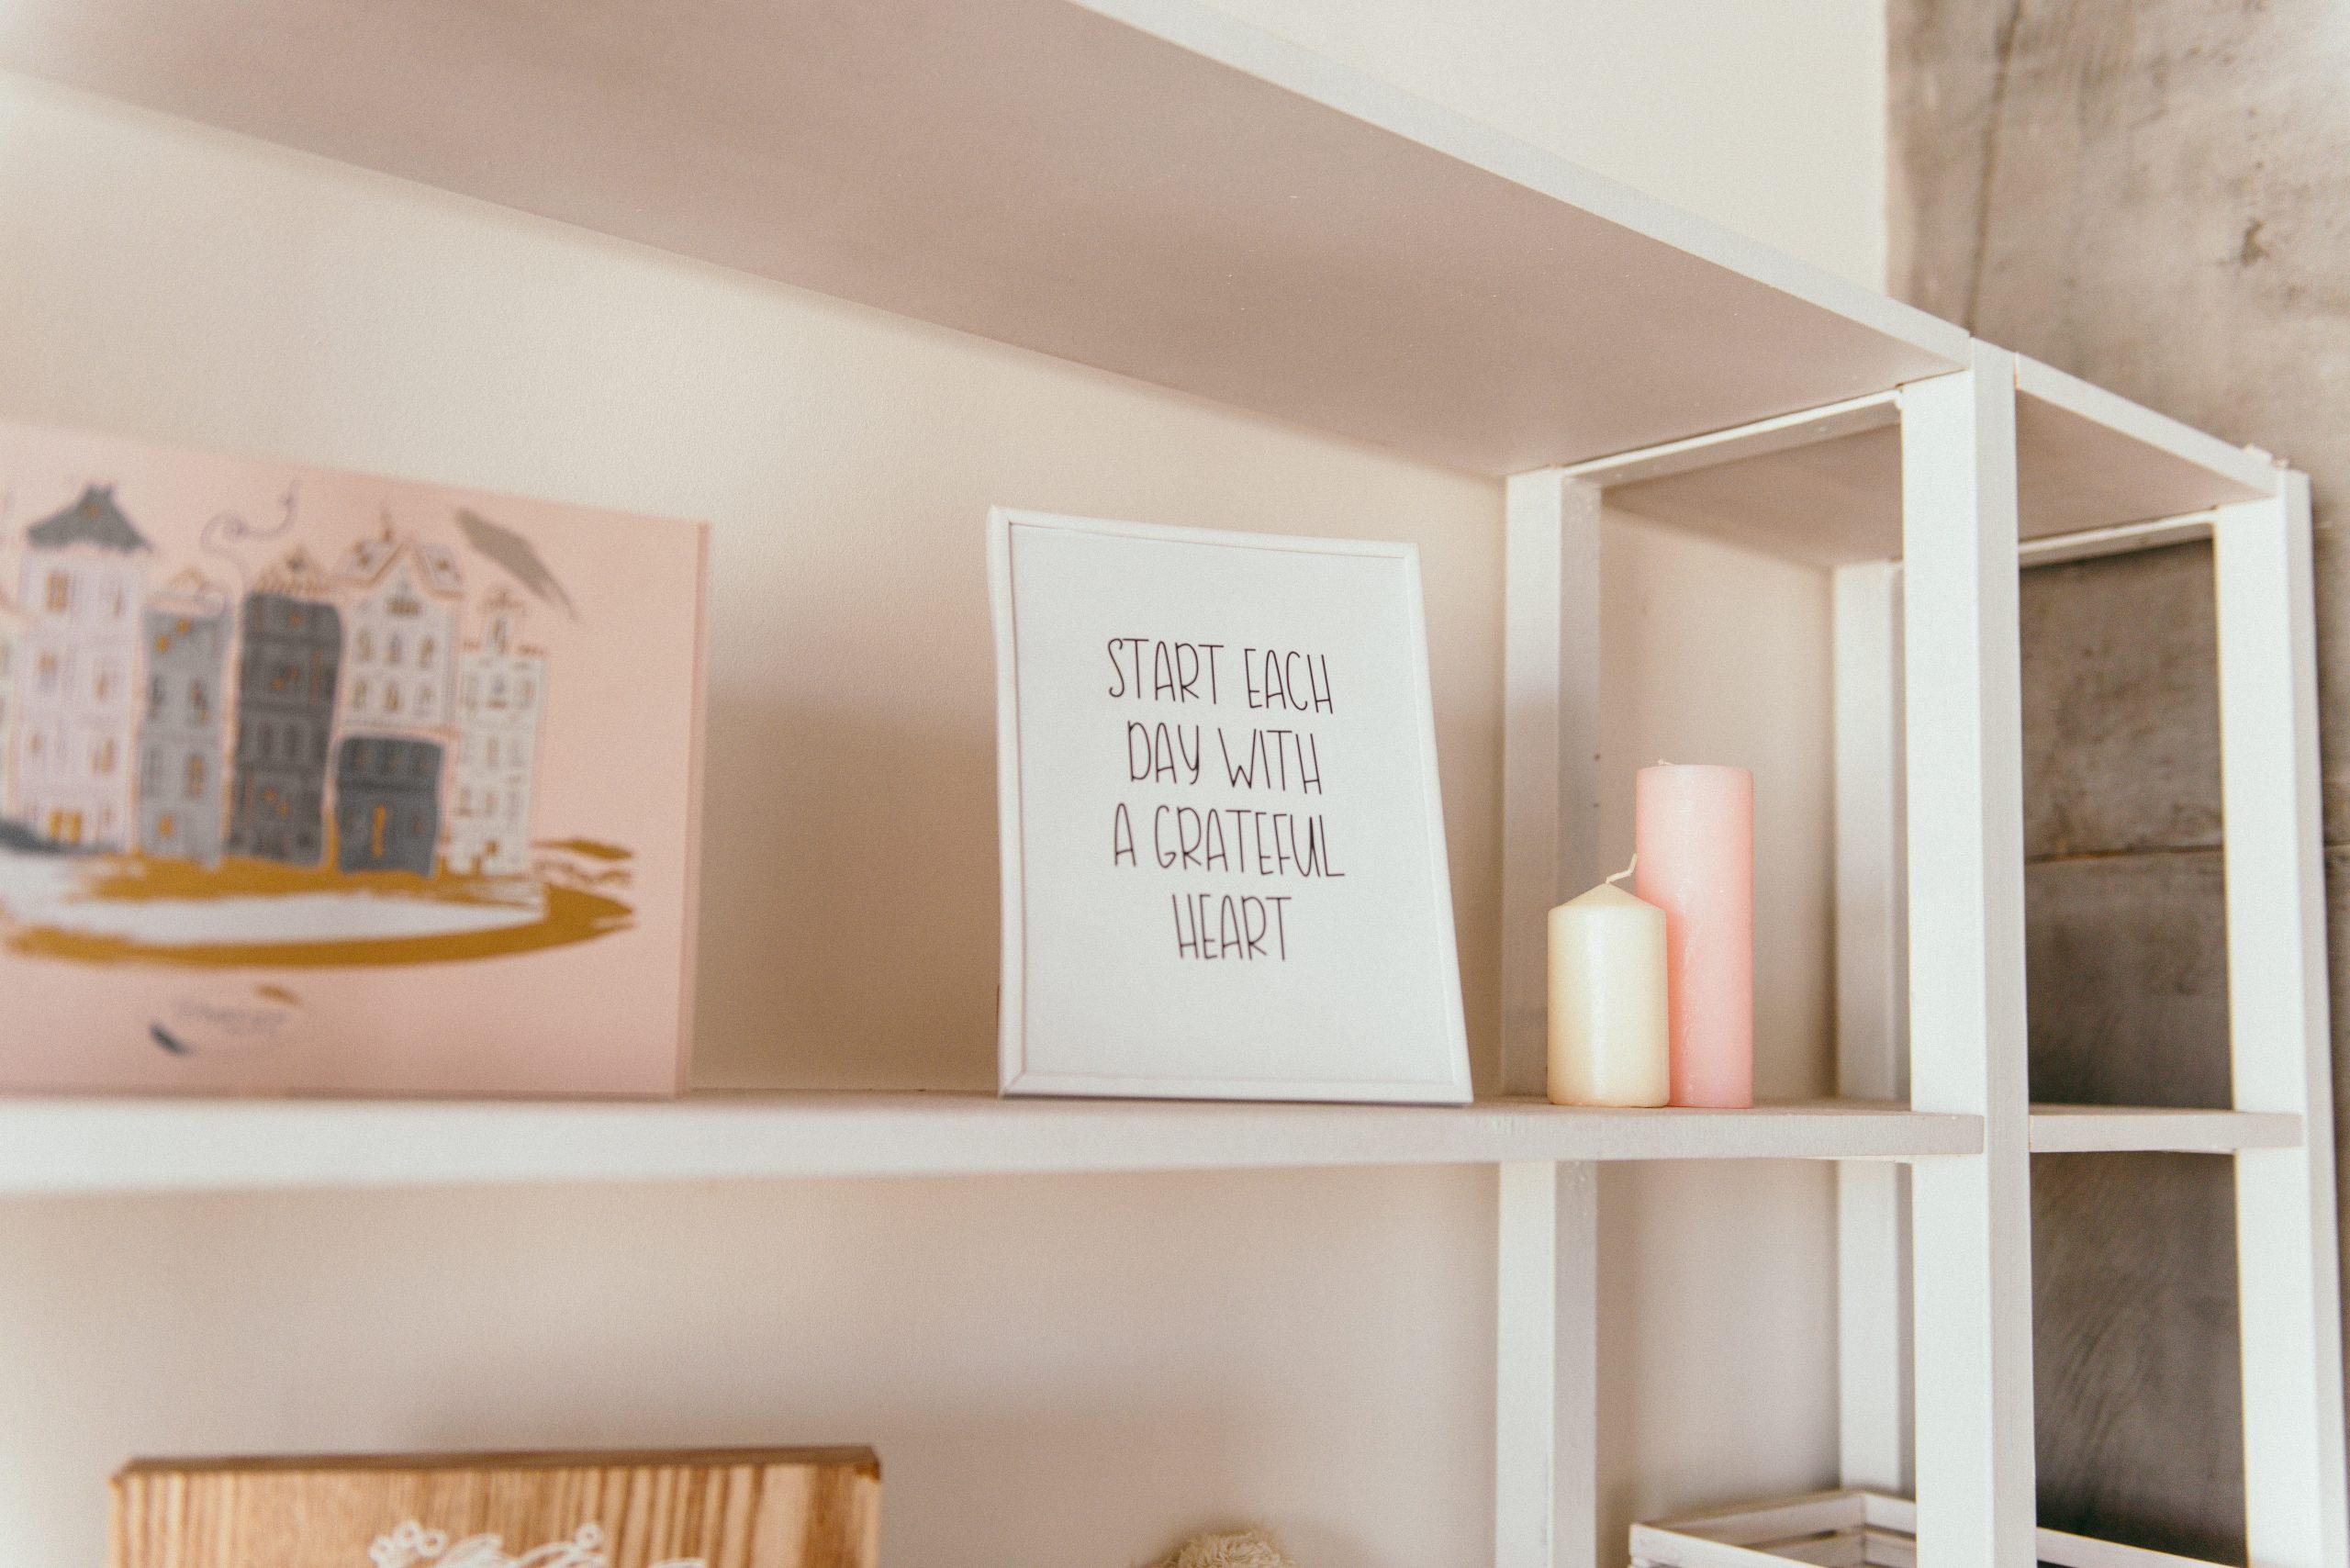 Imagem de porta-retratos branco com frase de incentivo sobre estante ao lado de velas coloridas